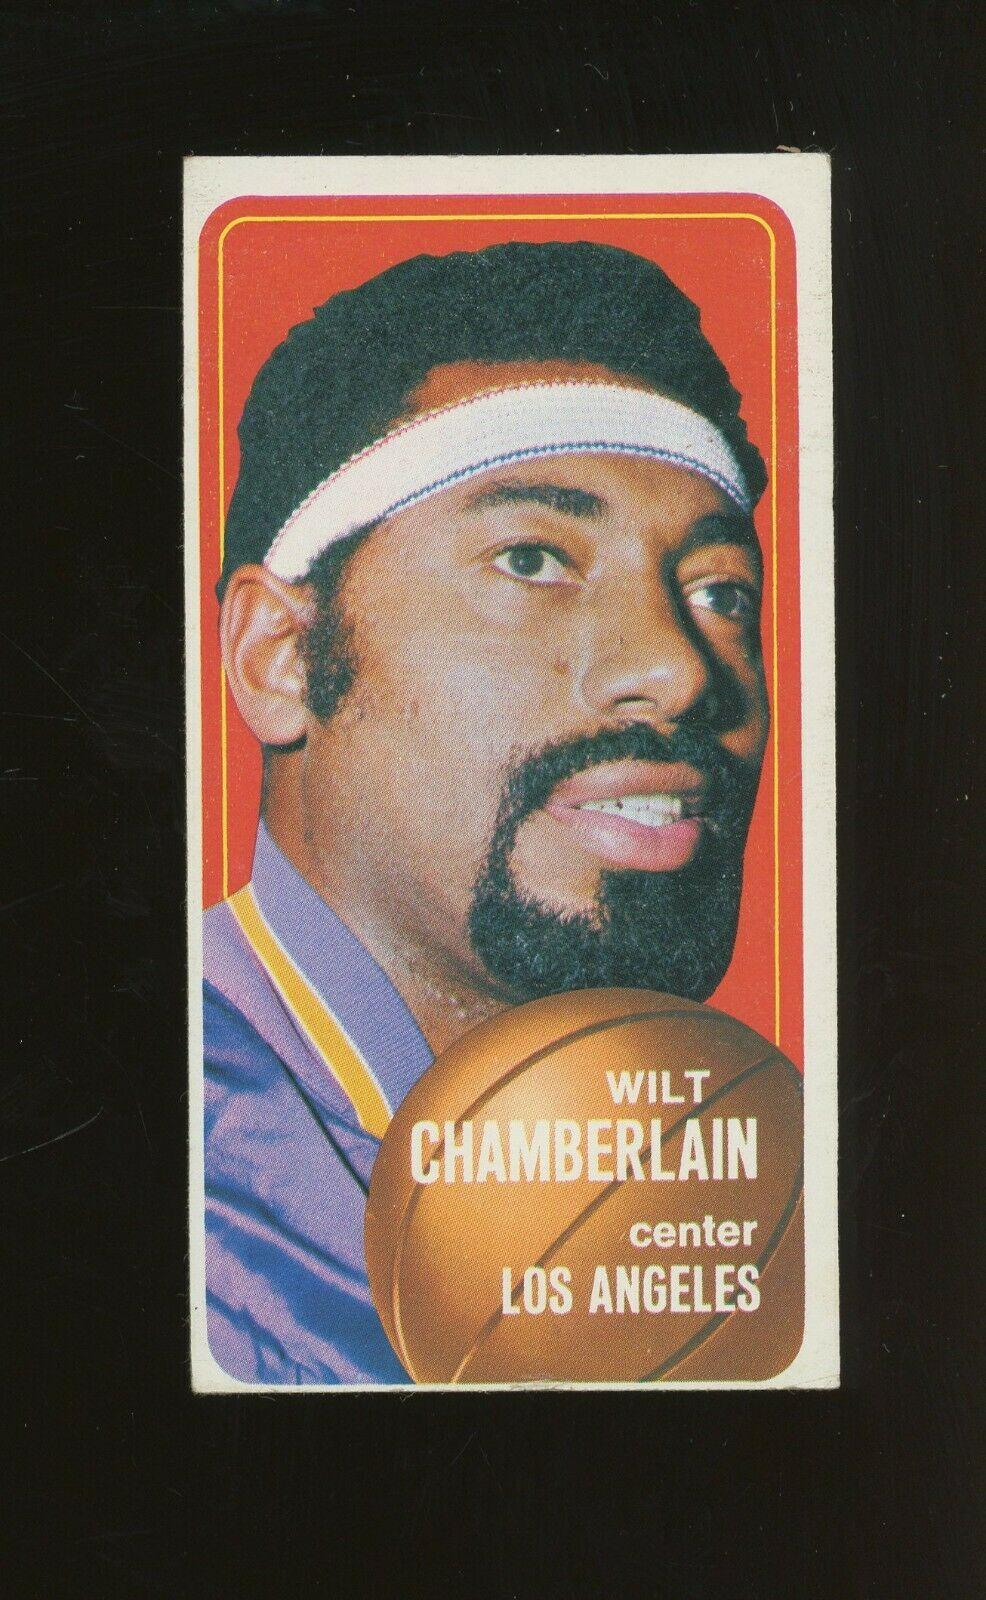 1970 Topps Basketball #50 Wilt Chamberlain Los Angeles Lakers HOF - Image 1